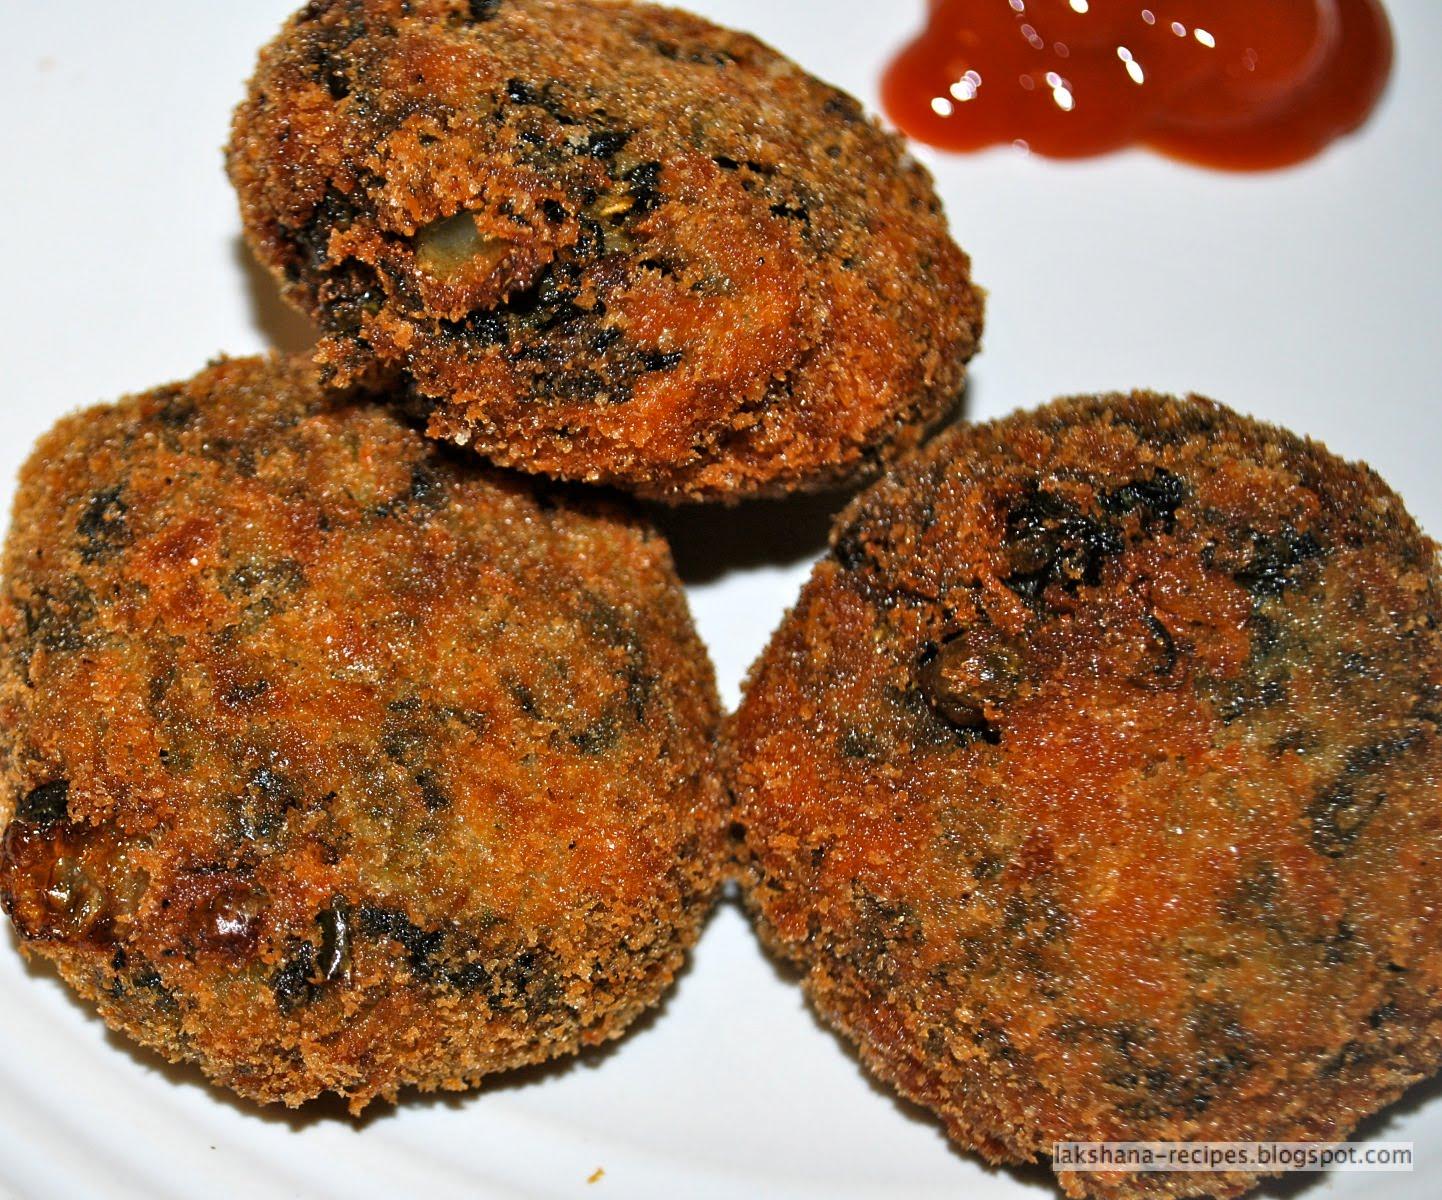 http://2.bp.blogspot.com/_45g3215juio/TCVNM_MXxYI/AAAAAAAABps/bkVJUL4-6fg/s1600/vegetable%2Bcutlet.JPG